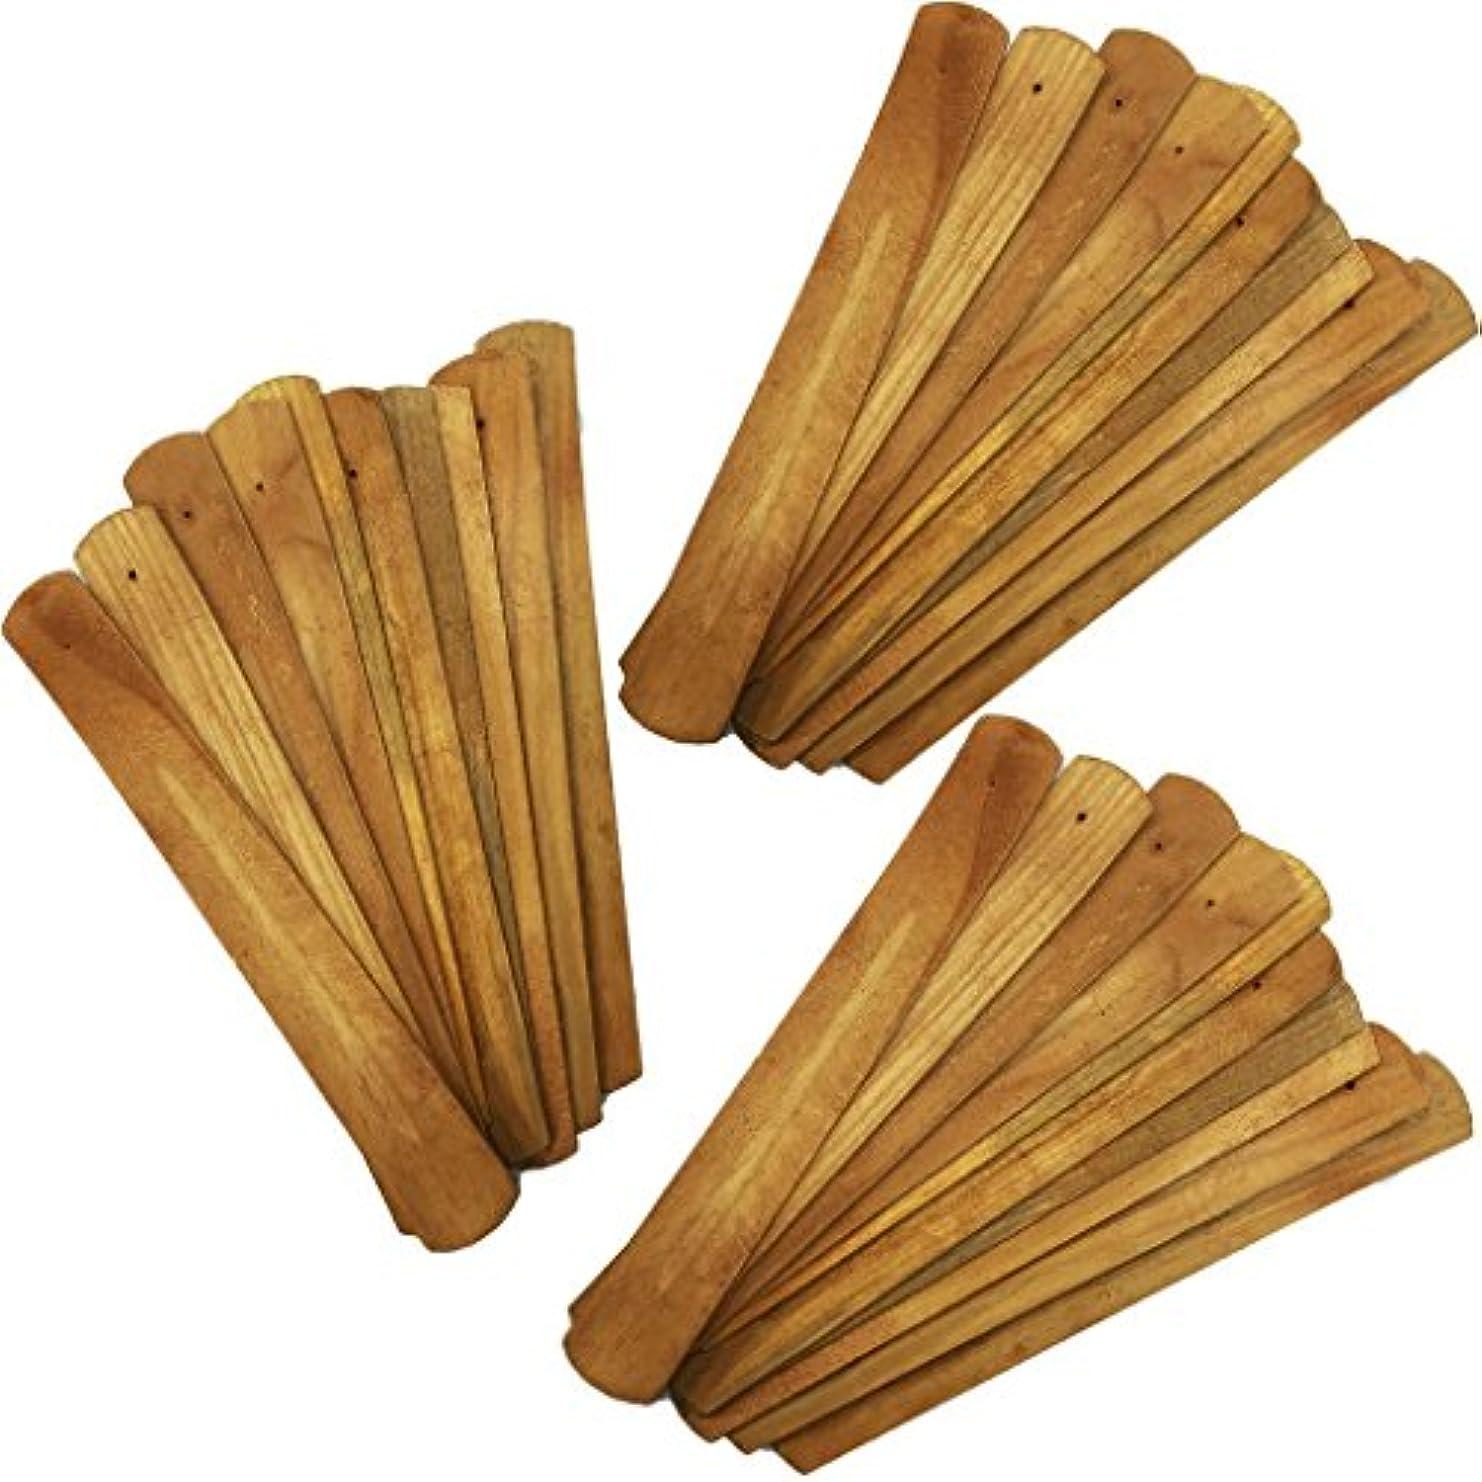 ブレーキそれる長さ(30) - 30pcs Handmade Plain Wood Wooden Incense Stick Holder Burner Ash Catcher Natural Design Buddhist (30)